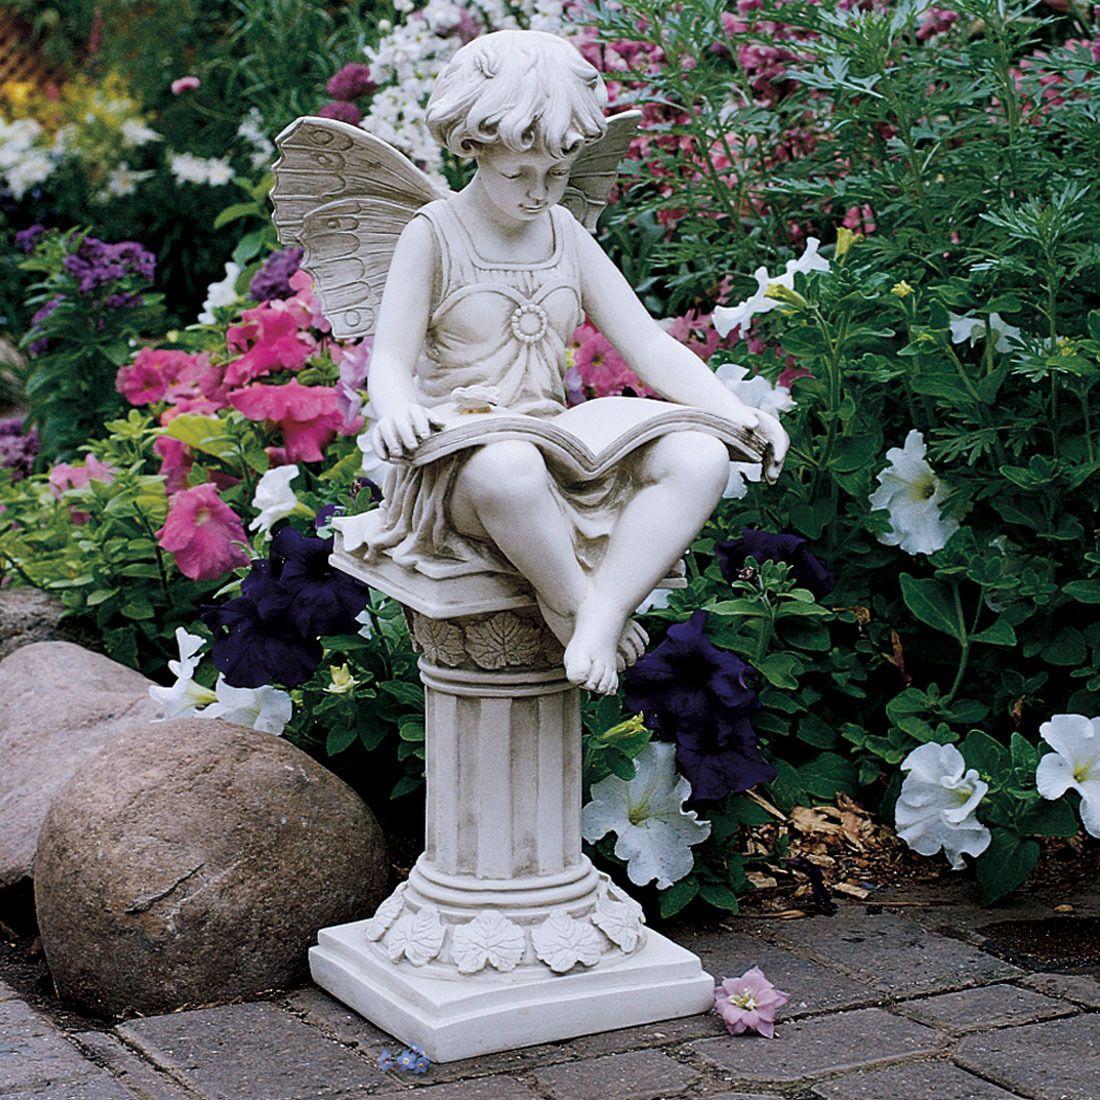 The British Reading Fairy Statue Esculturas De Jardim Estatuas De Jardim E Esculturas